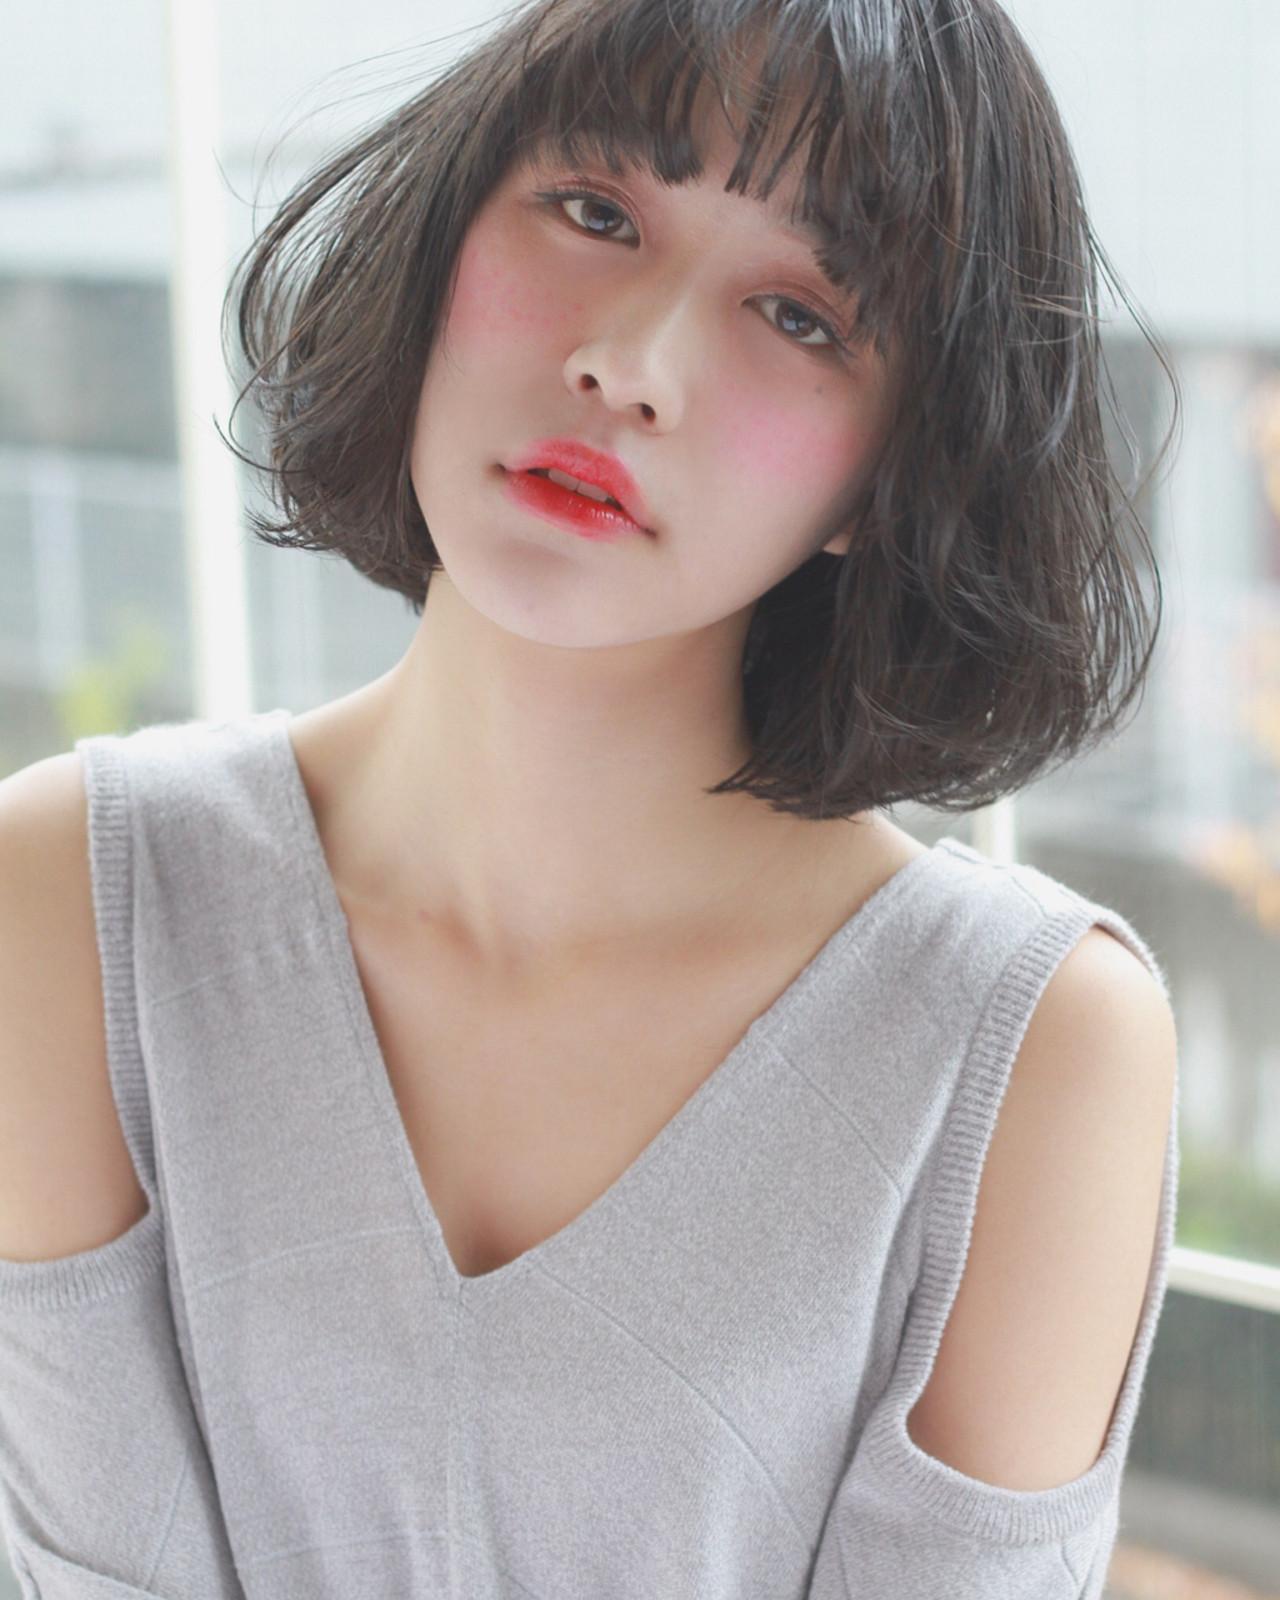 アンニュイ ボブ こなれ感 大人女子 ヘアスタイルや髪型の写真・画像 | 須賀 ユウスケ / Rizm